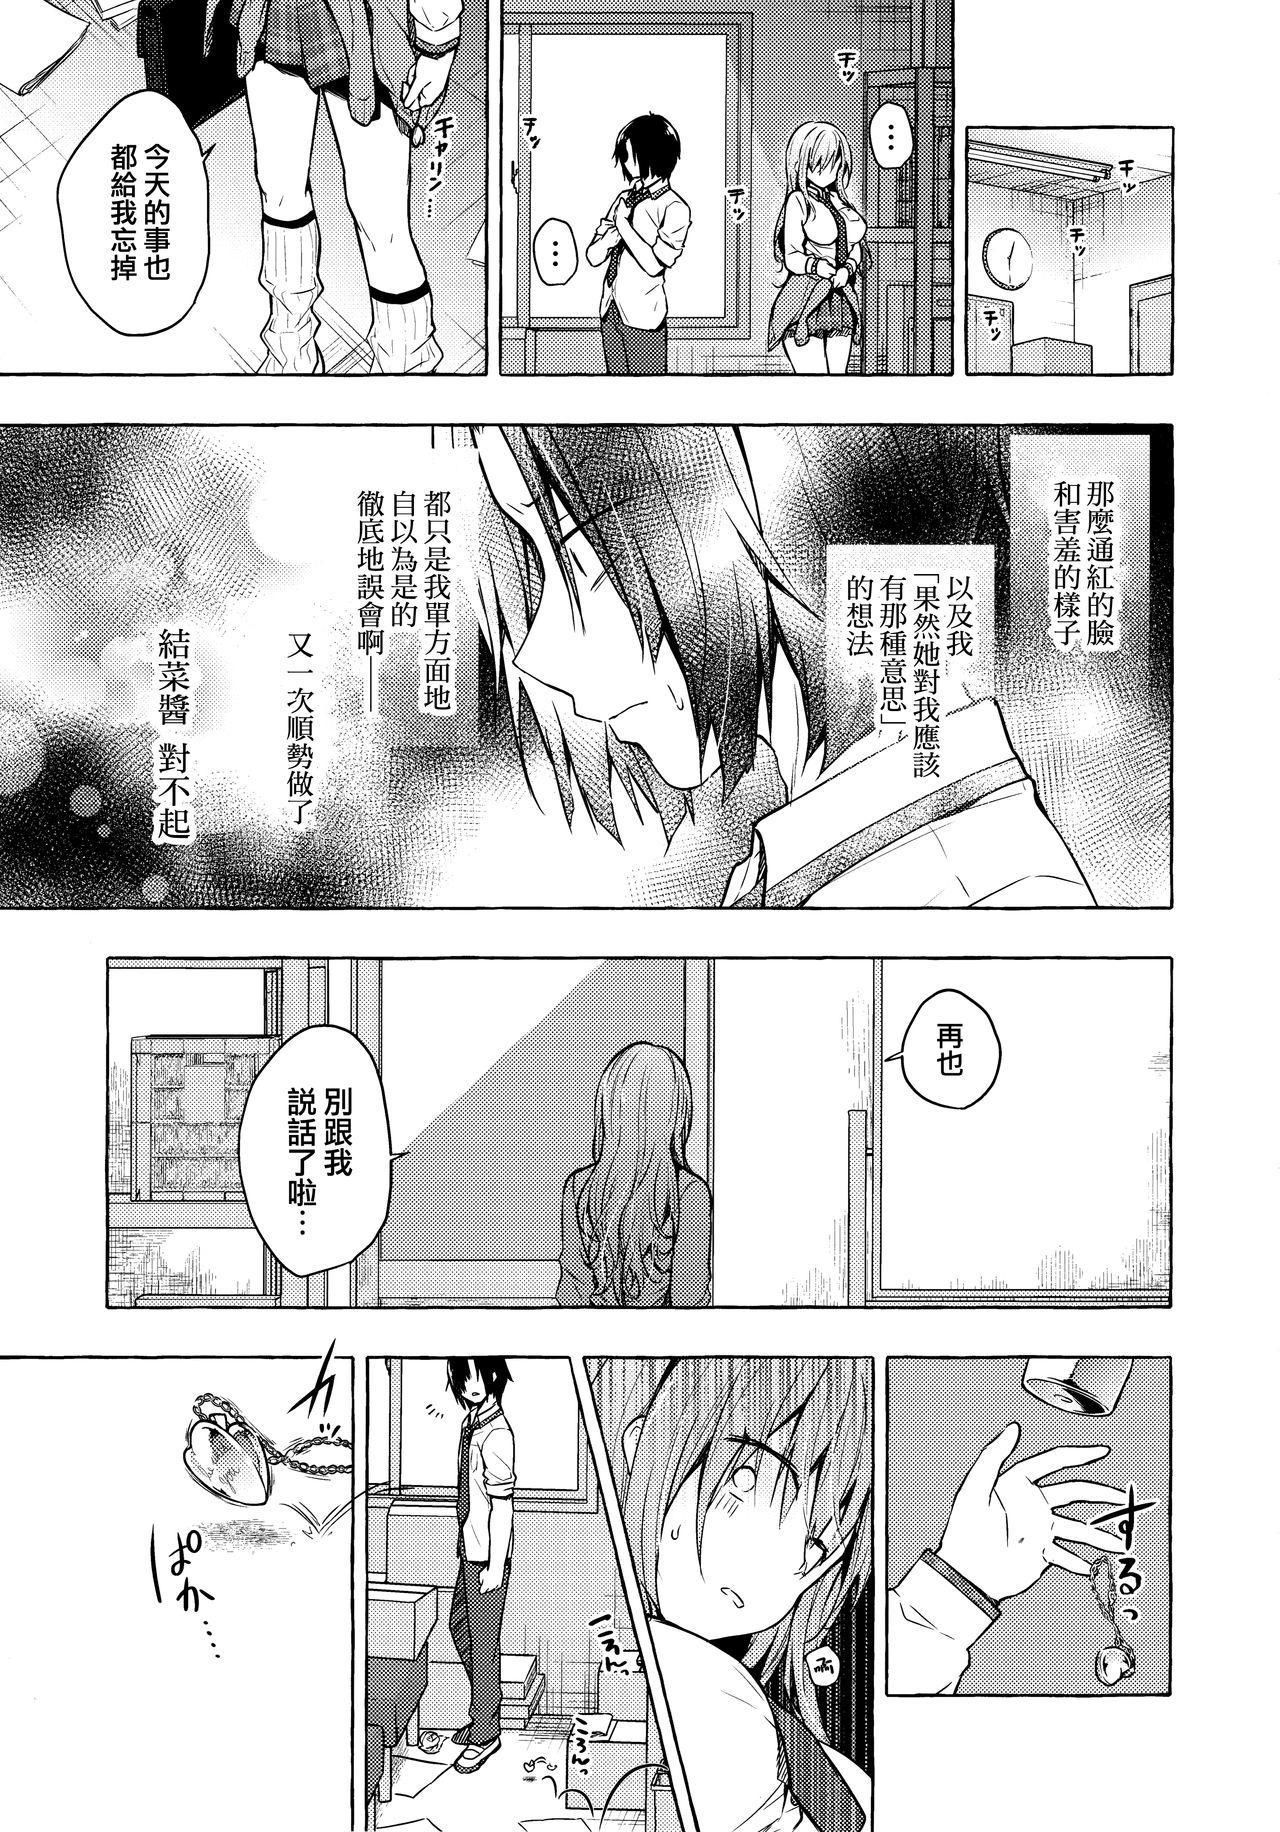 (Akihabara Chou Doujinsai) [Kinokonomi (konomi)] Gal Yuina-chan to Ecchi 2 -Kataomoi no Kanojo ga Boku ni Sekimen!?-  [Chinese] [兔司姬漢化組] 22